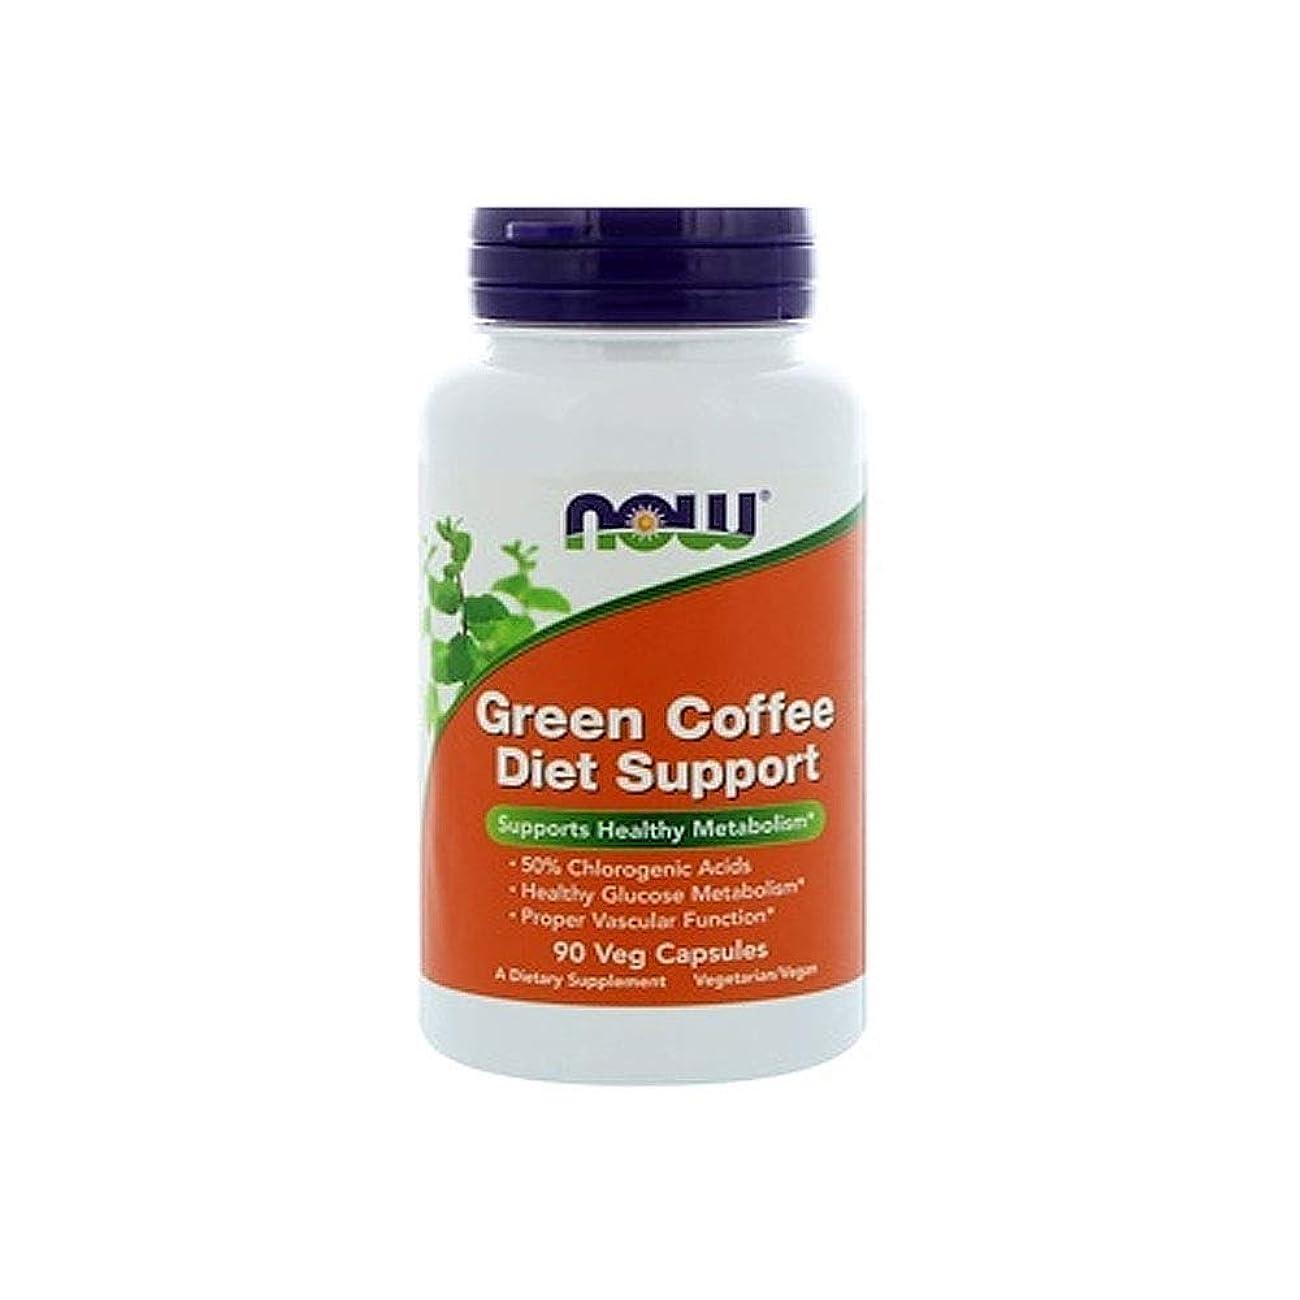 腐った順番七面鳥[海外直送品] ナウフーズ グリーンコーヒー ダイエットサポート(クロロゲン酸含有) 90粒